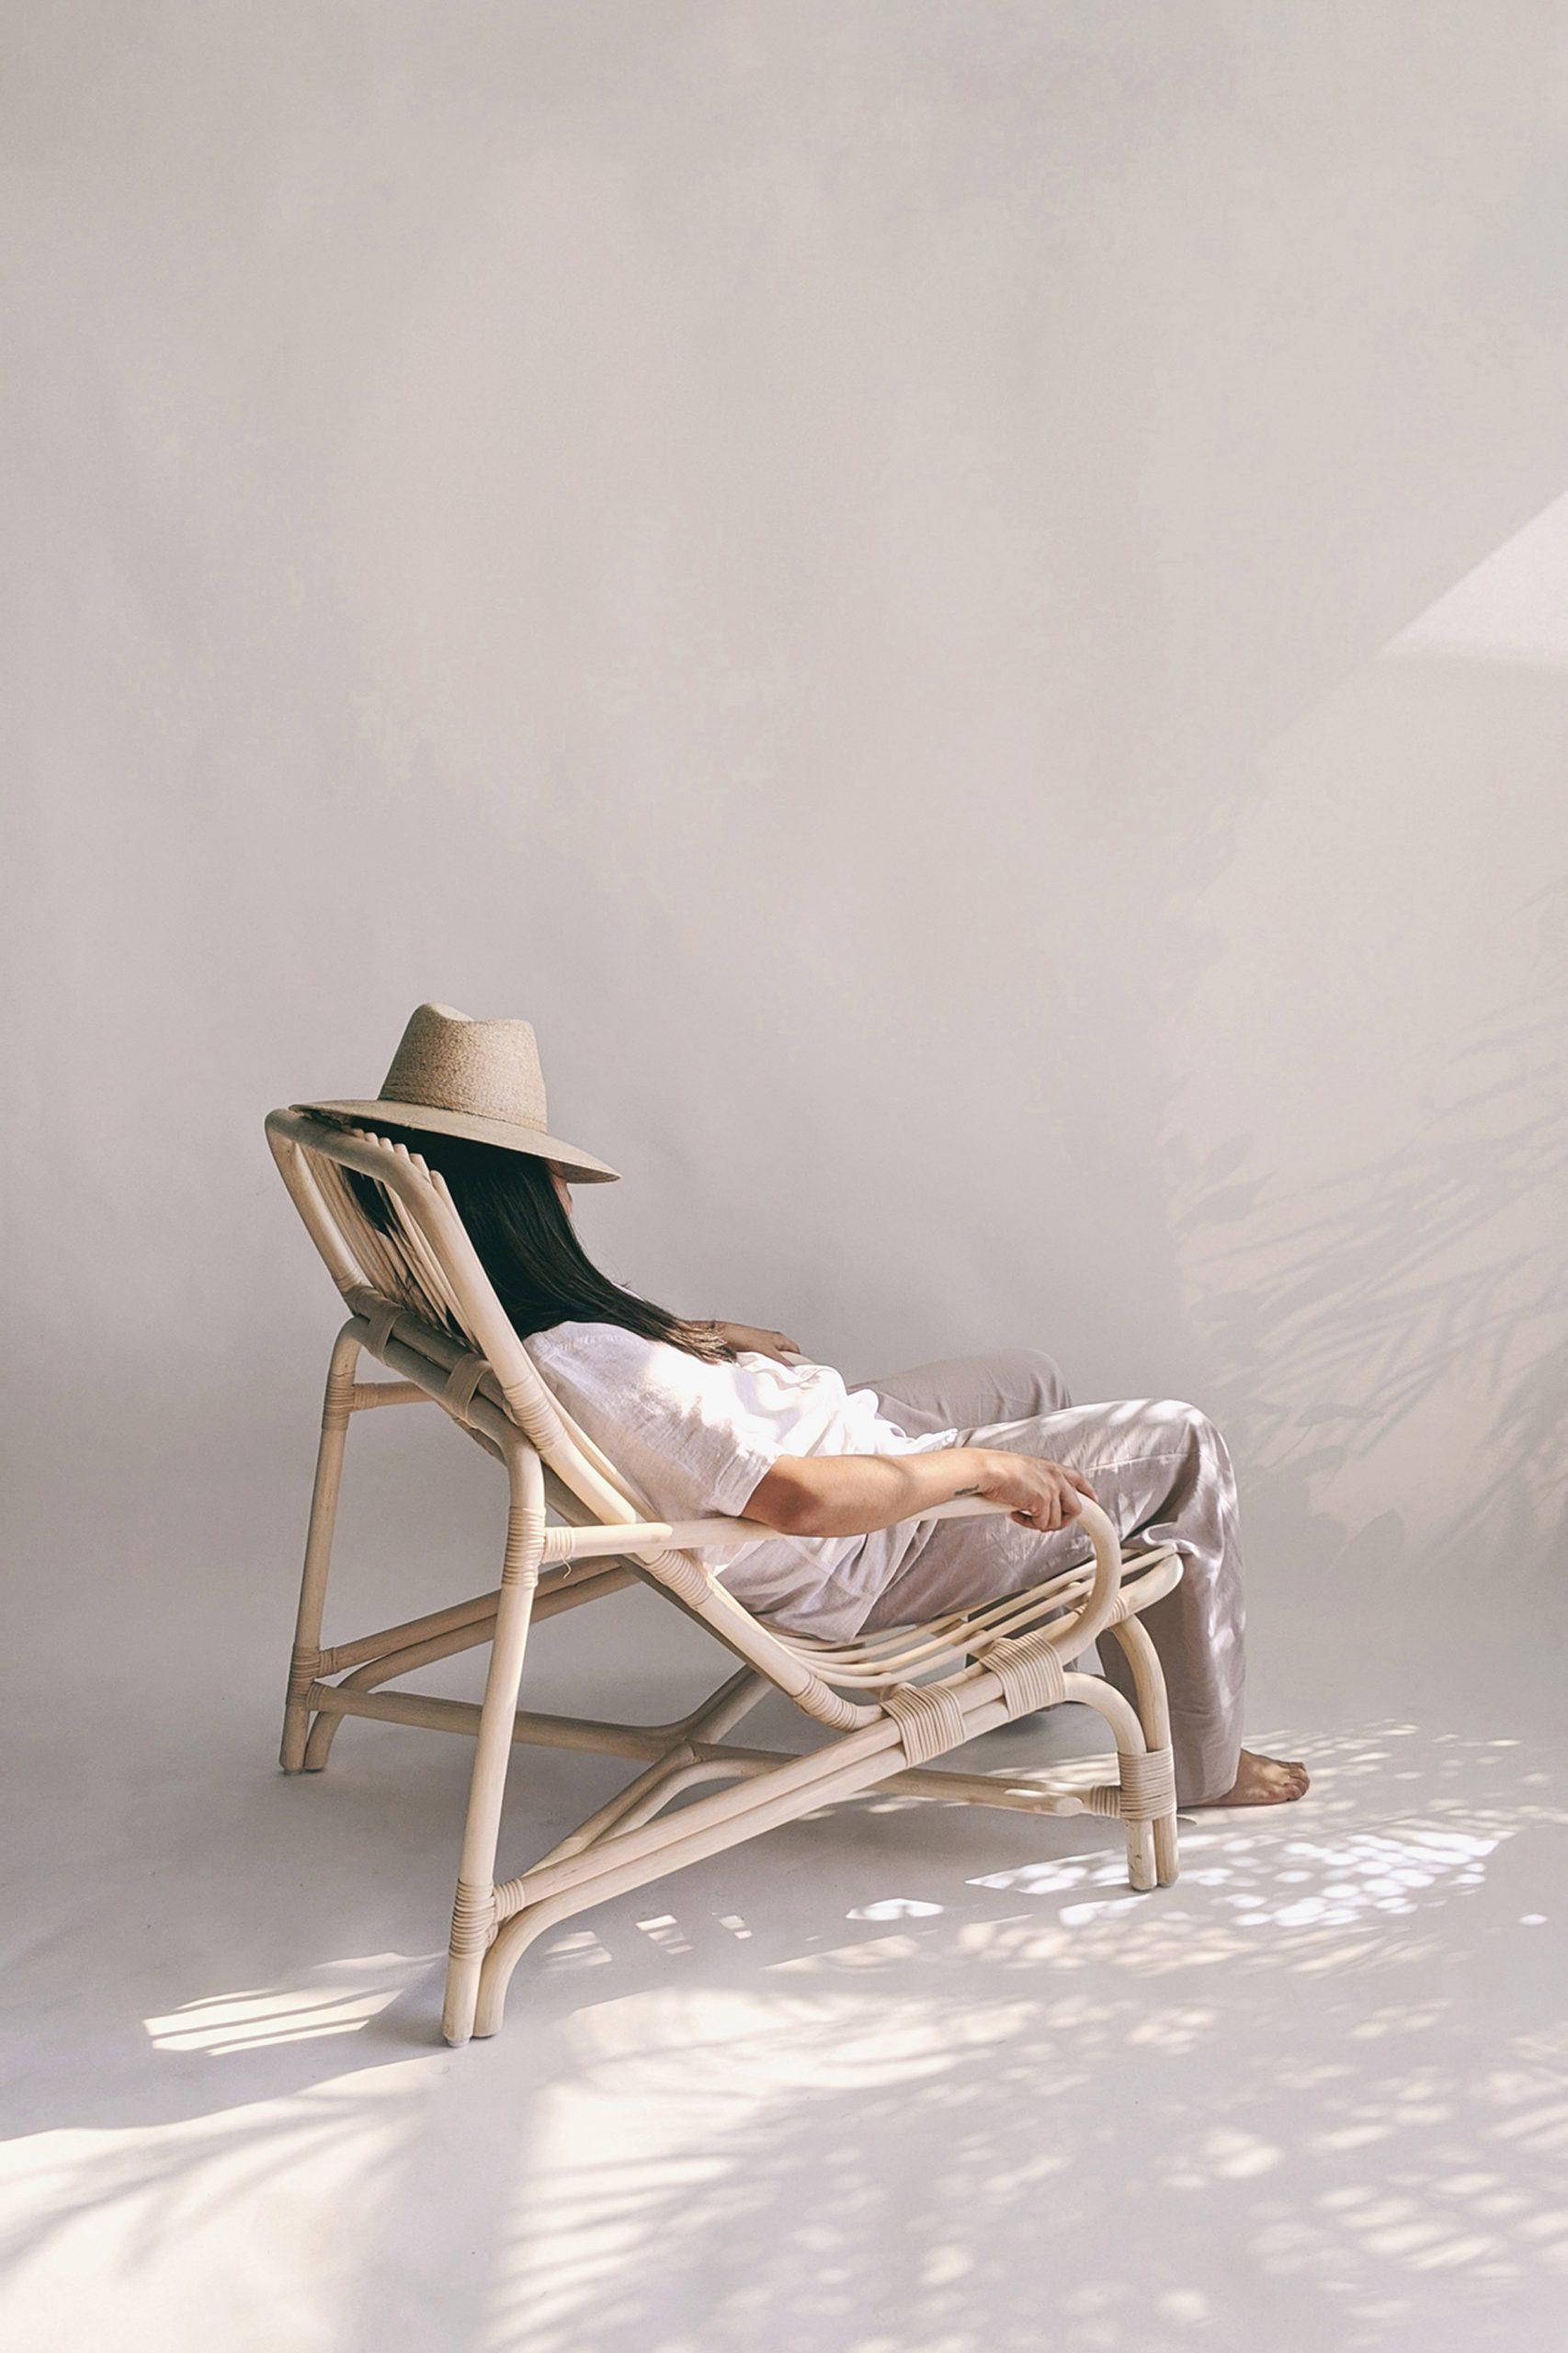 Rattan lounge chair by Christian Vivanco for Balsa